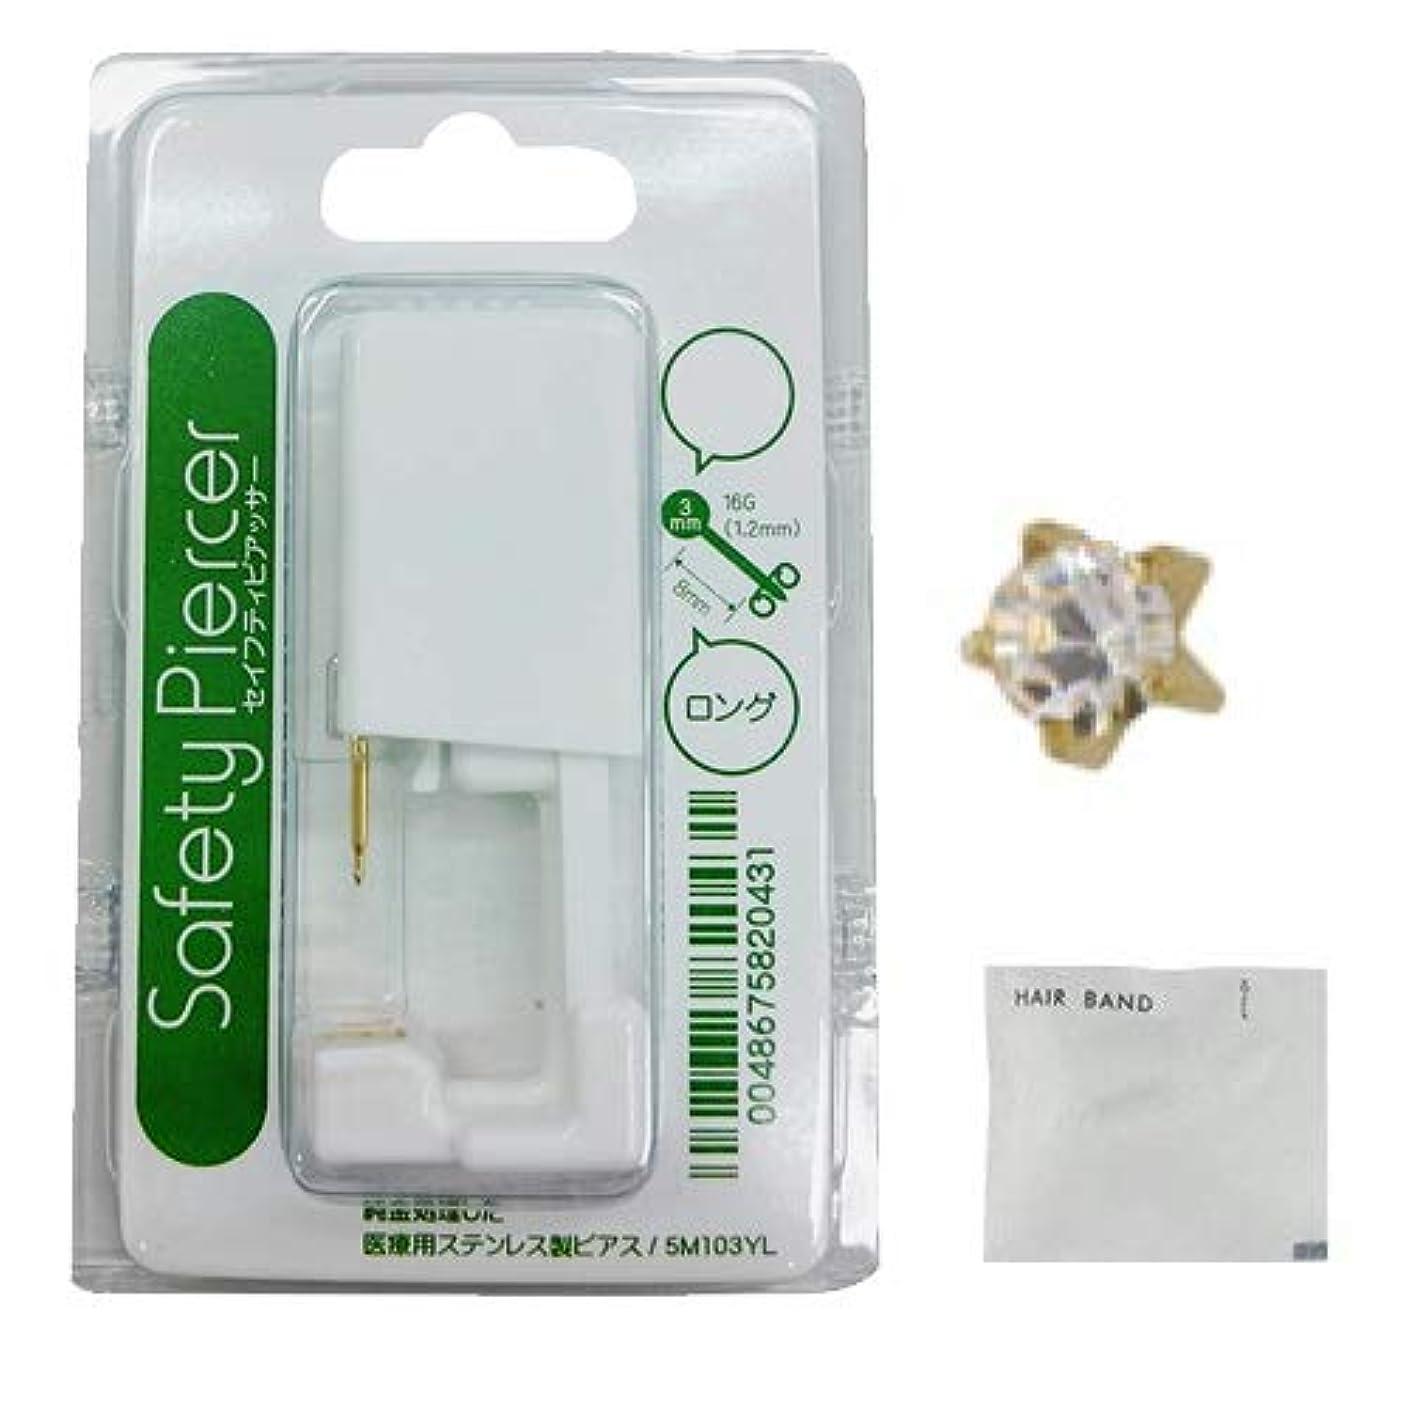 レタッチ熟達したブラウザセイフティピアッサー ゴールド ロングタイプ(片耳用) 5M104WL 4月ダイヤモンド×2個 + ヘアゴム(カラーはおまかせ)セット